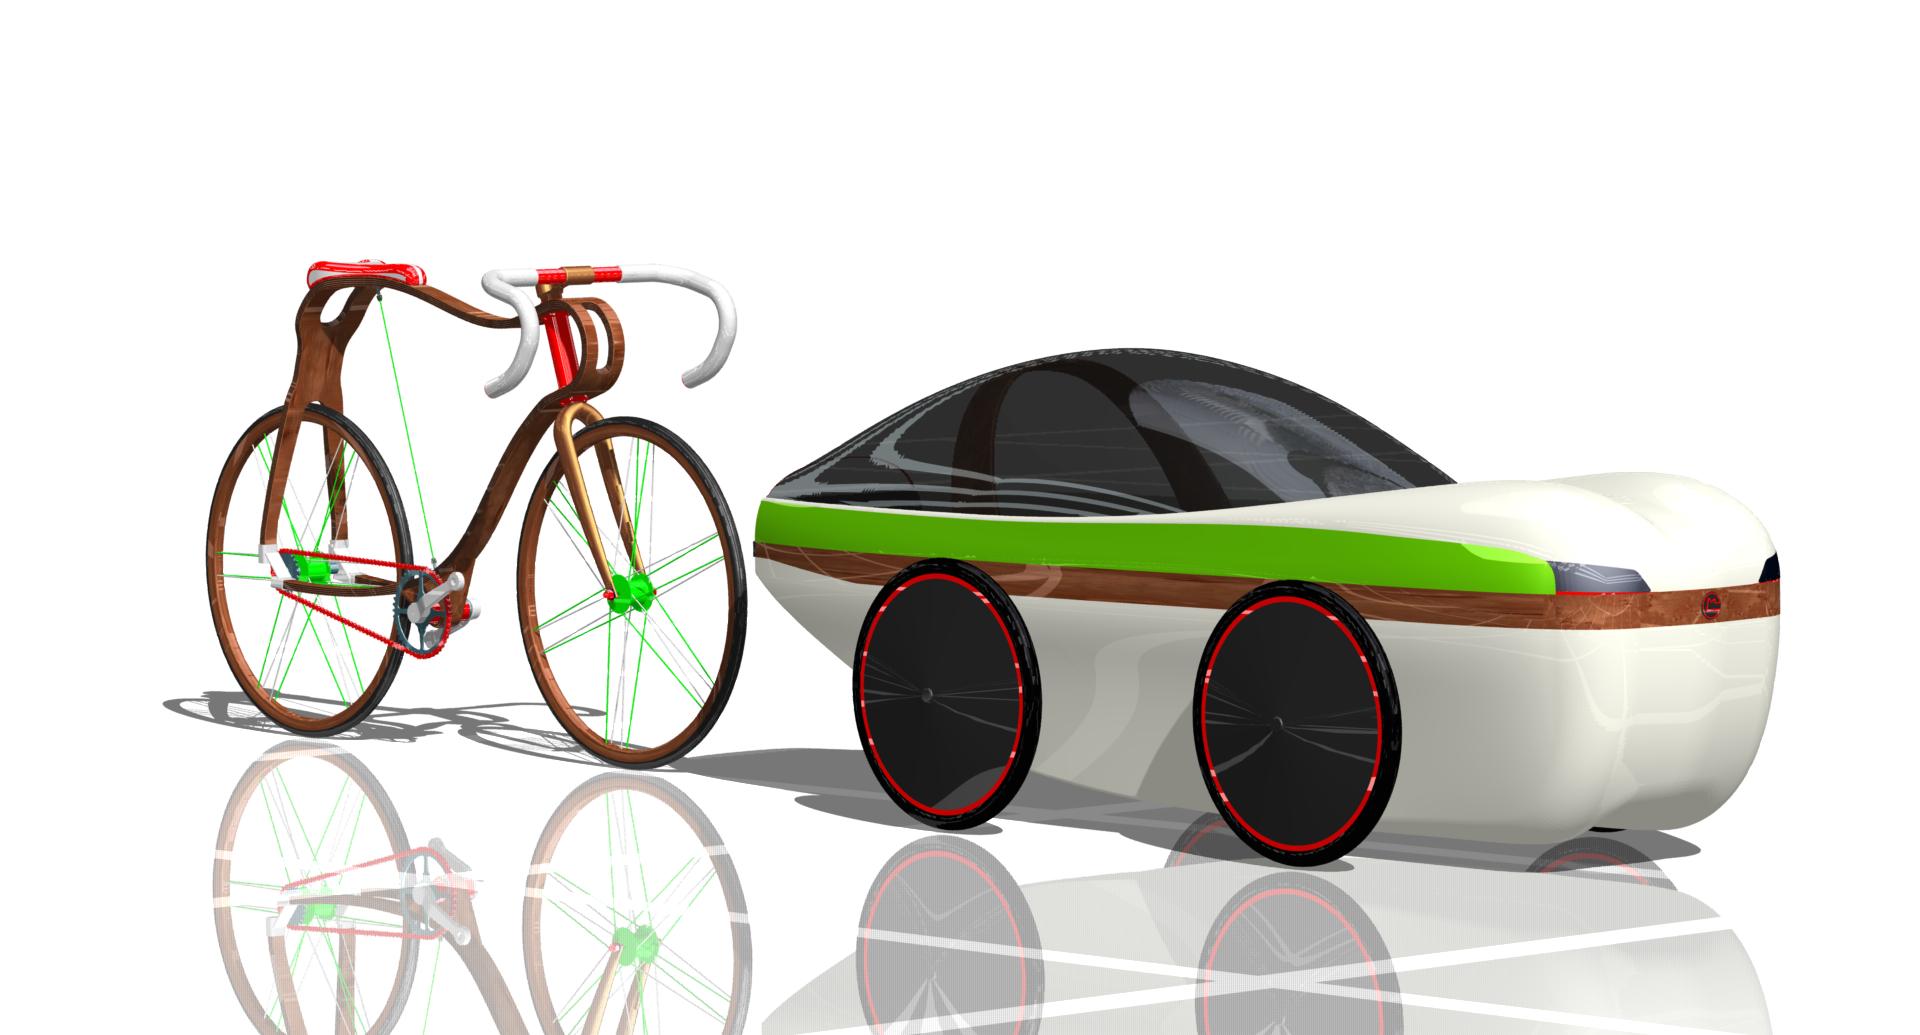 FH Wien – Eco-Design: Prototyp Vierrädriges Fahrzeug basierend auf Fahrradkomponenten